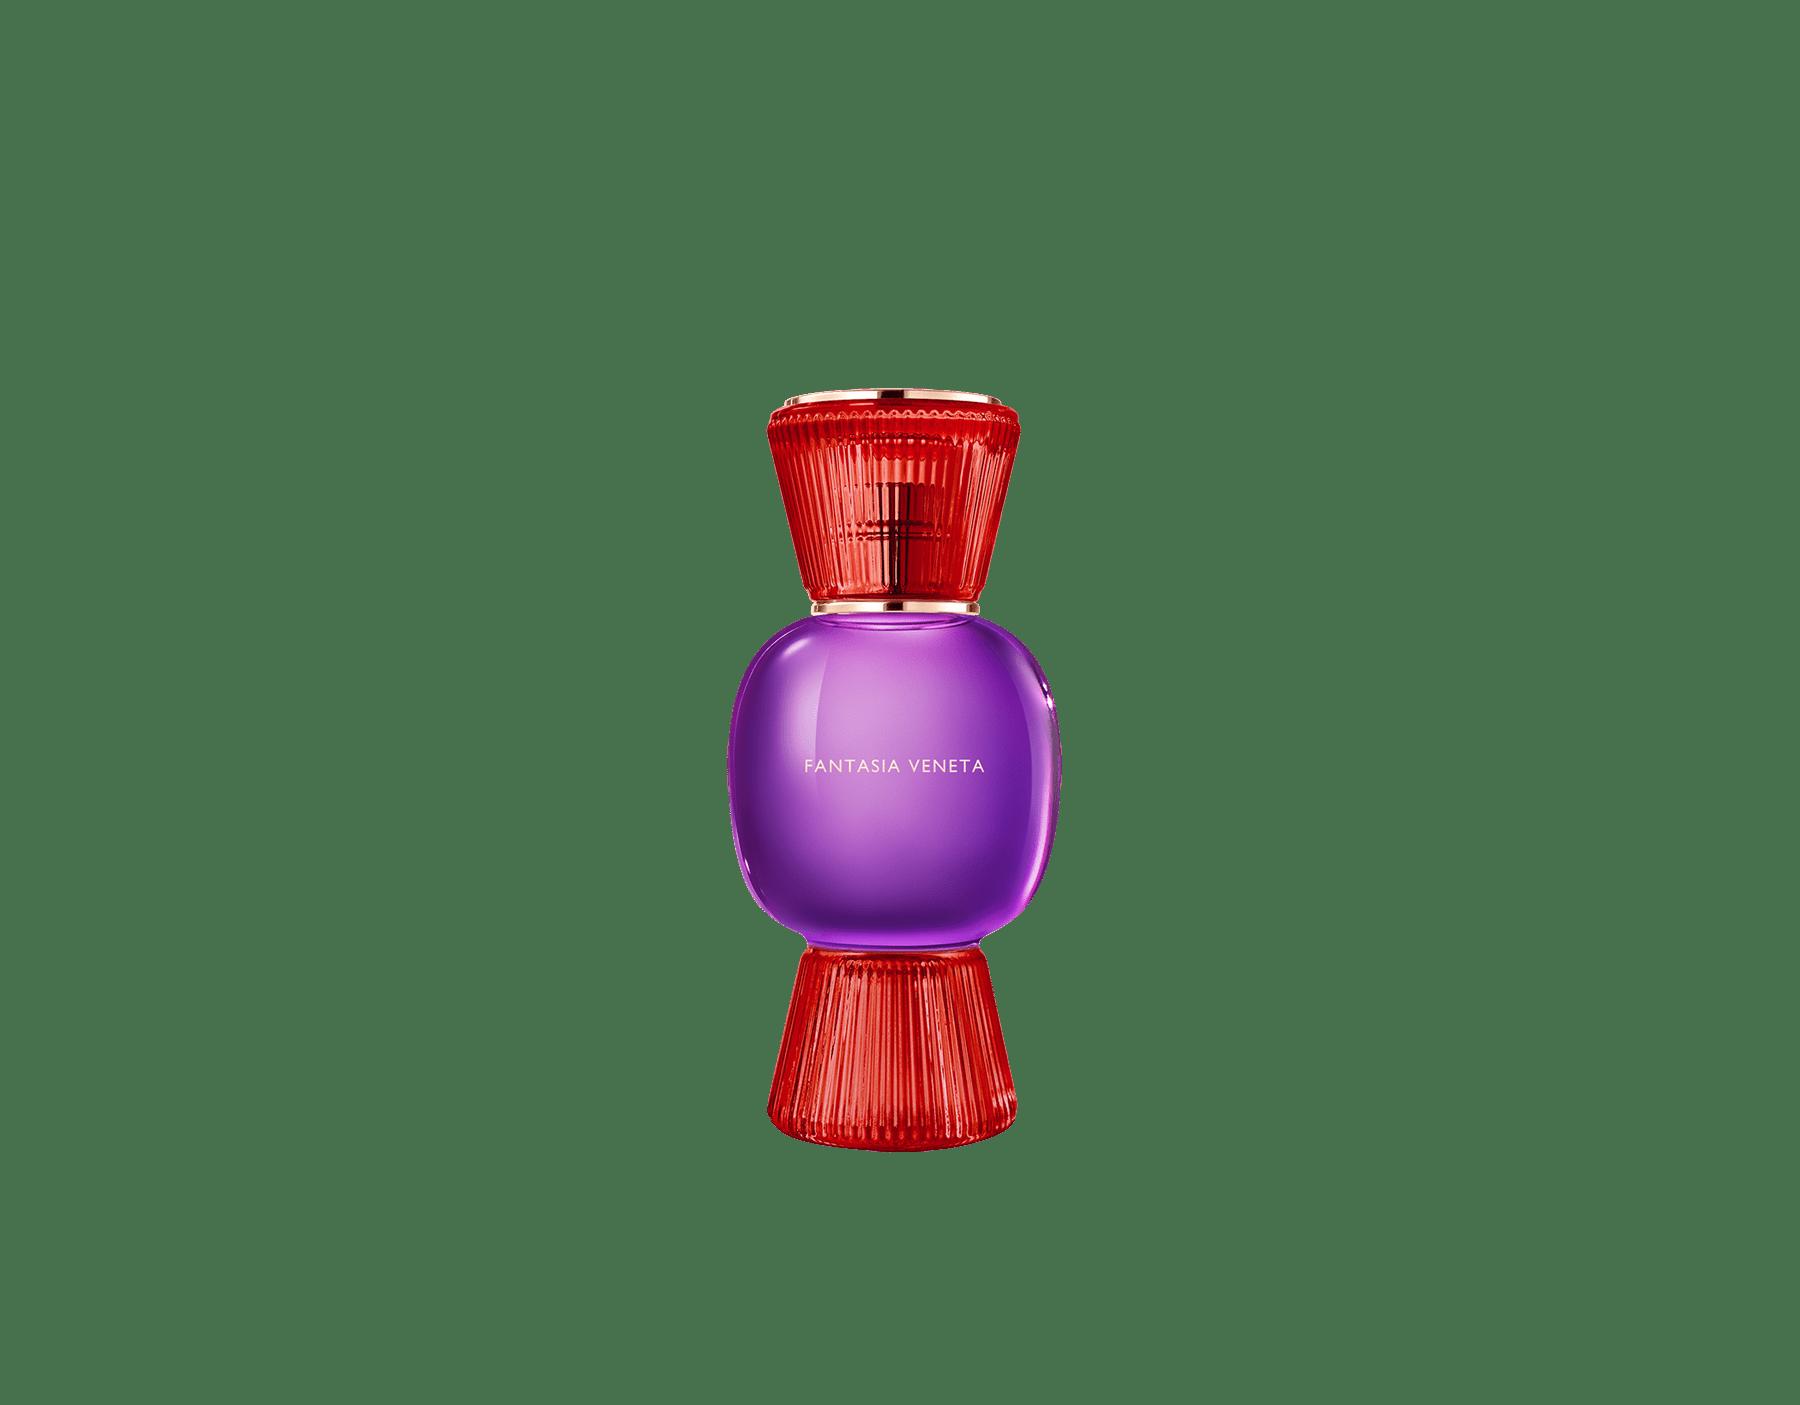 «C'est la quintessence de la sophistication italienne devenue parfum.» Jacques Cavallier Une fragrance chyprée festive pour représenter la ferveur de la plus incroyable Festa italienne 41238 image 1